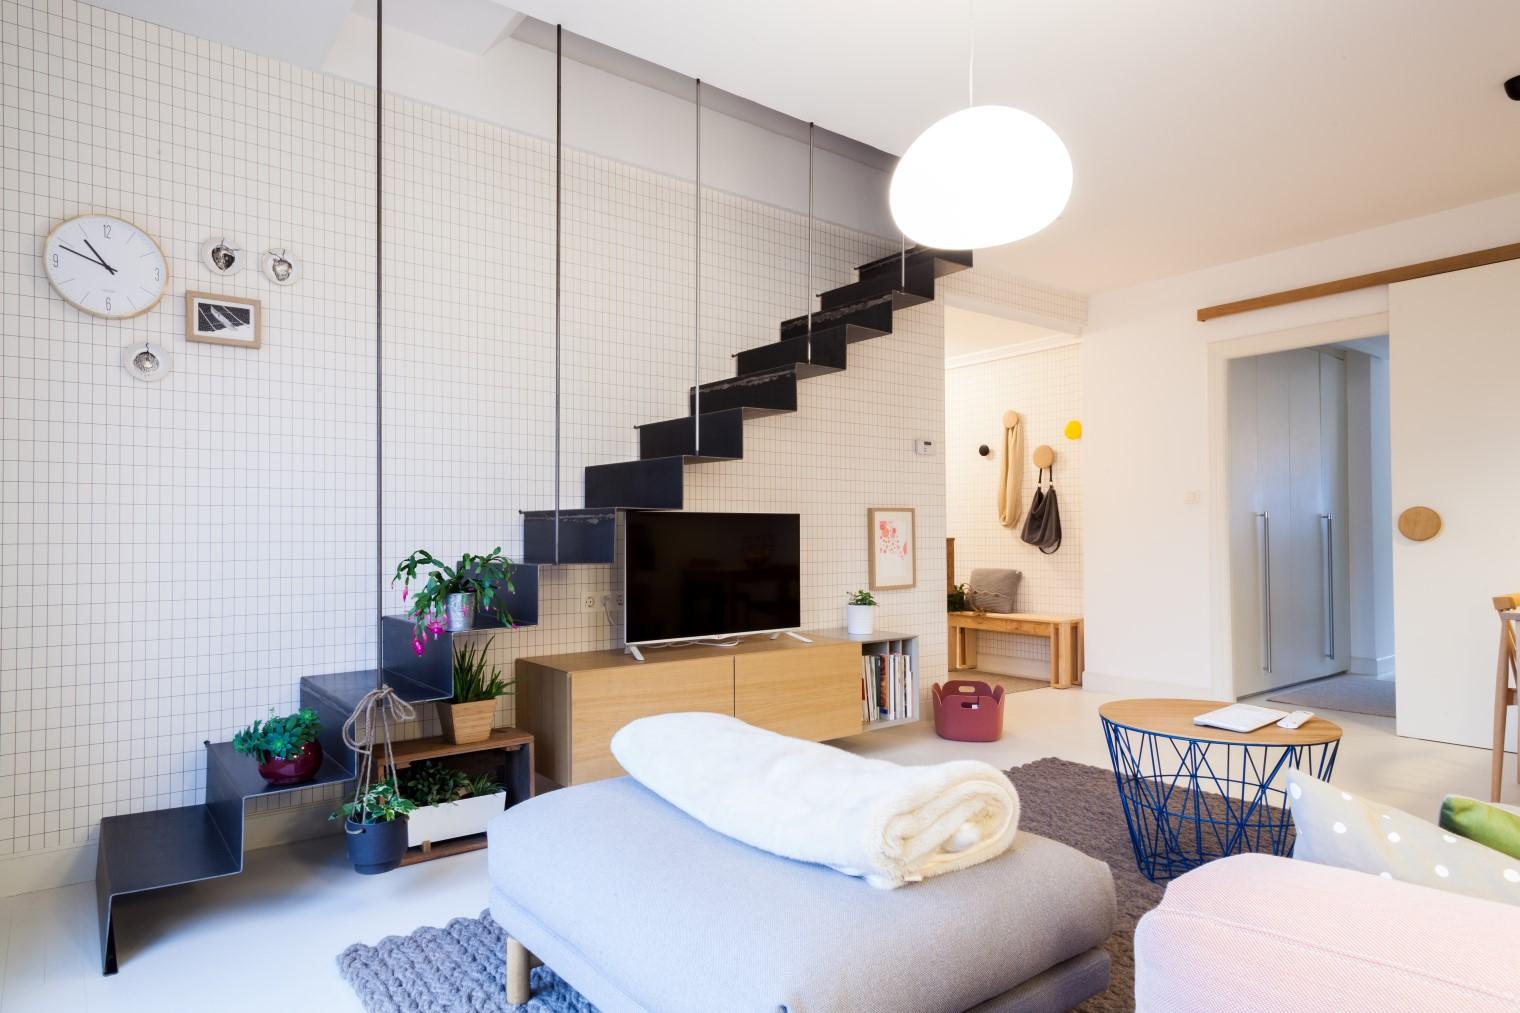 Casa itxaso una vivienda en durango femenina joven y for Decoracion piso en blanco